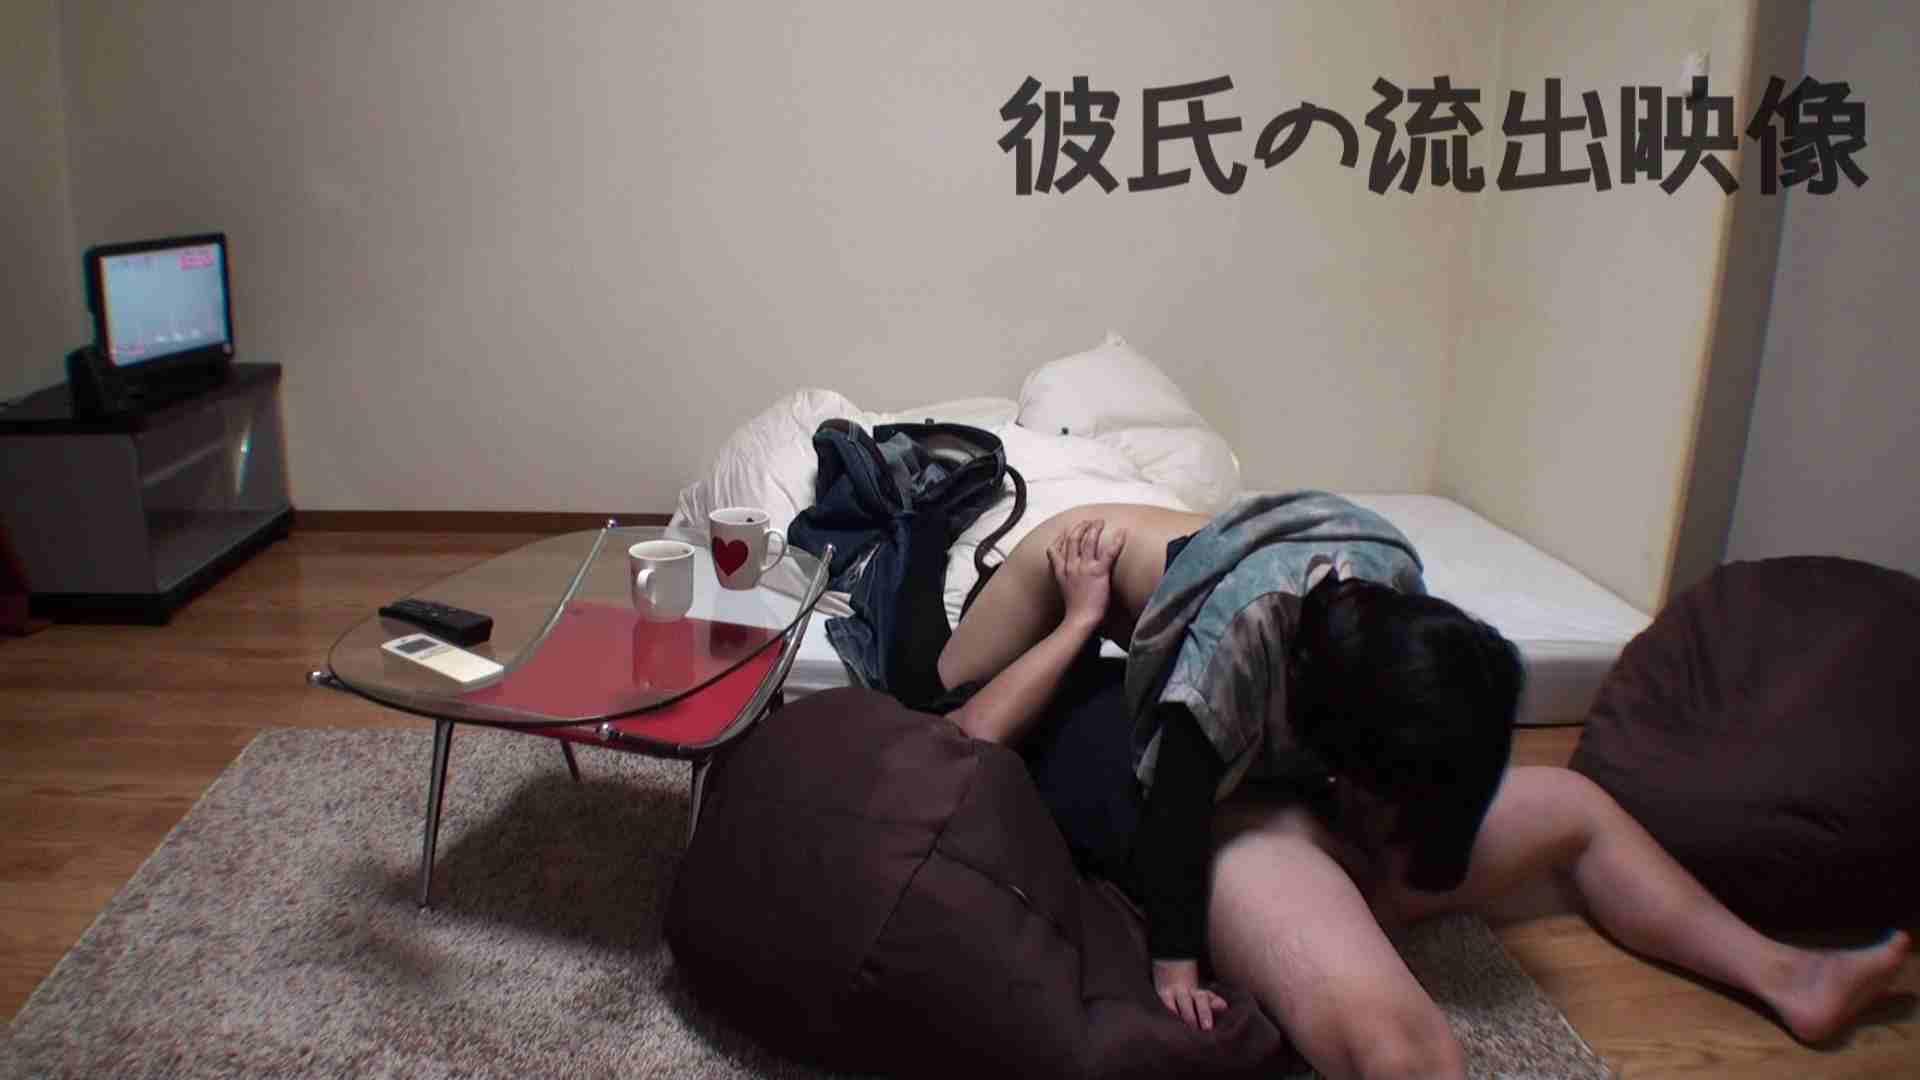 彼氏が流出 パイパン素人嬢のハメ撮り映像02 カップルのセックス  73PIX 54